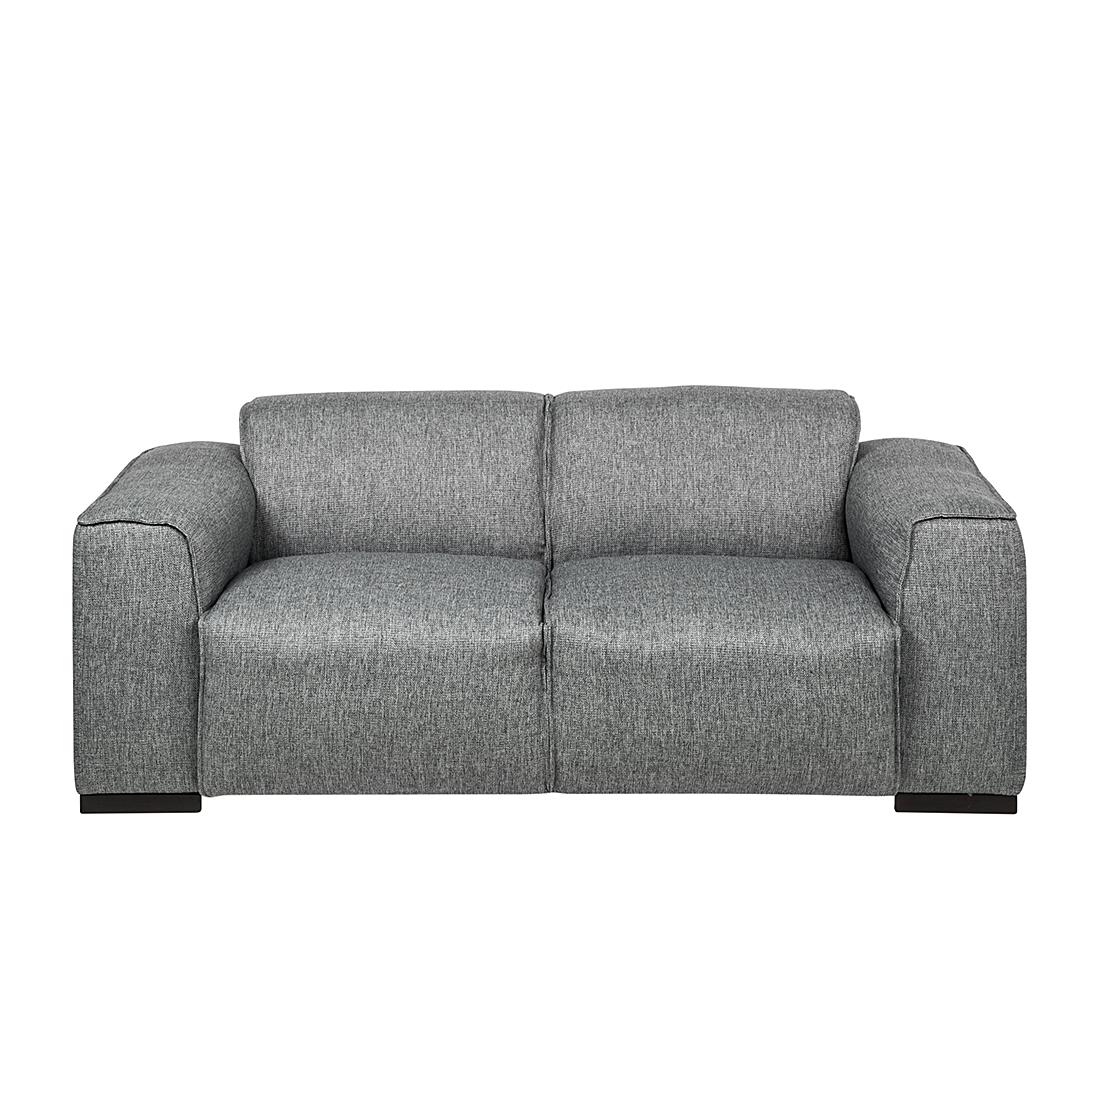 Sofa Stoff Grau 2-Sitzer Couch NEU   eBay